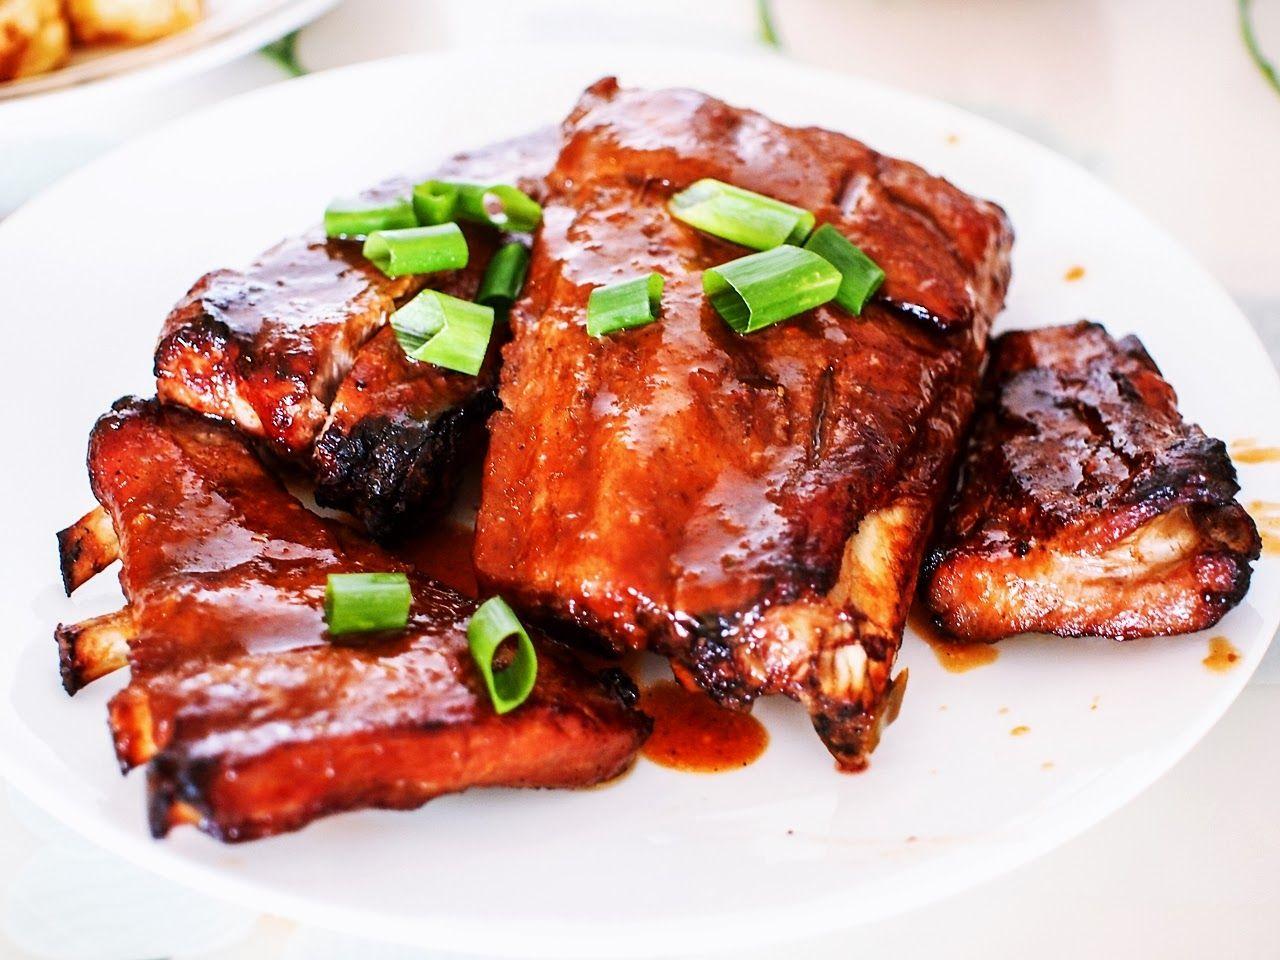 Phillips Air Fryer Recipe Air Fry BBQ Pork Rib Air